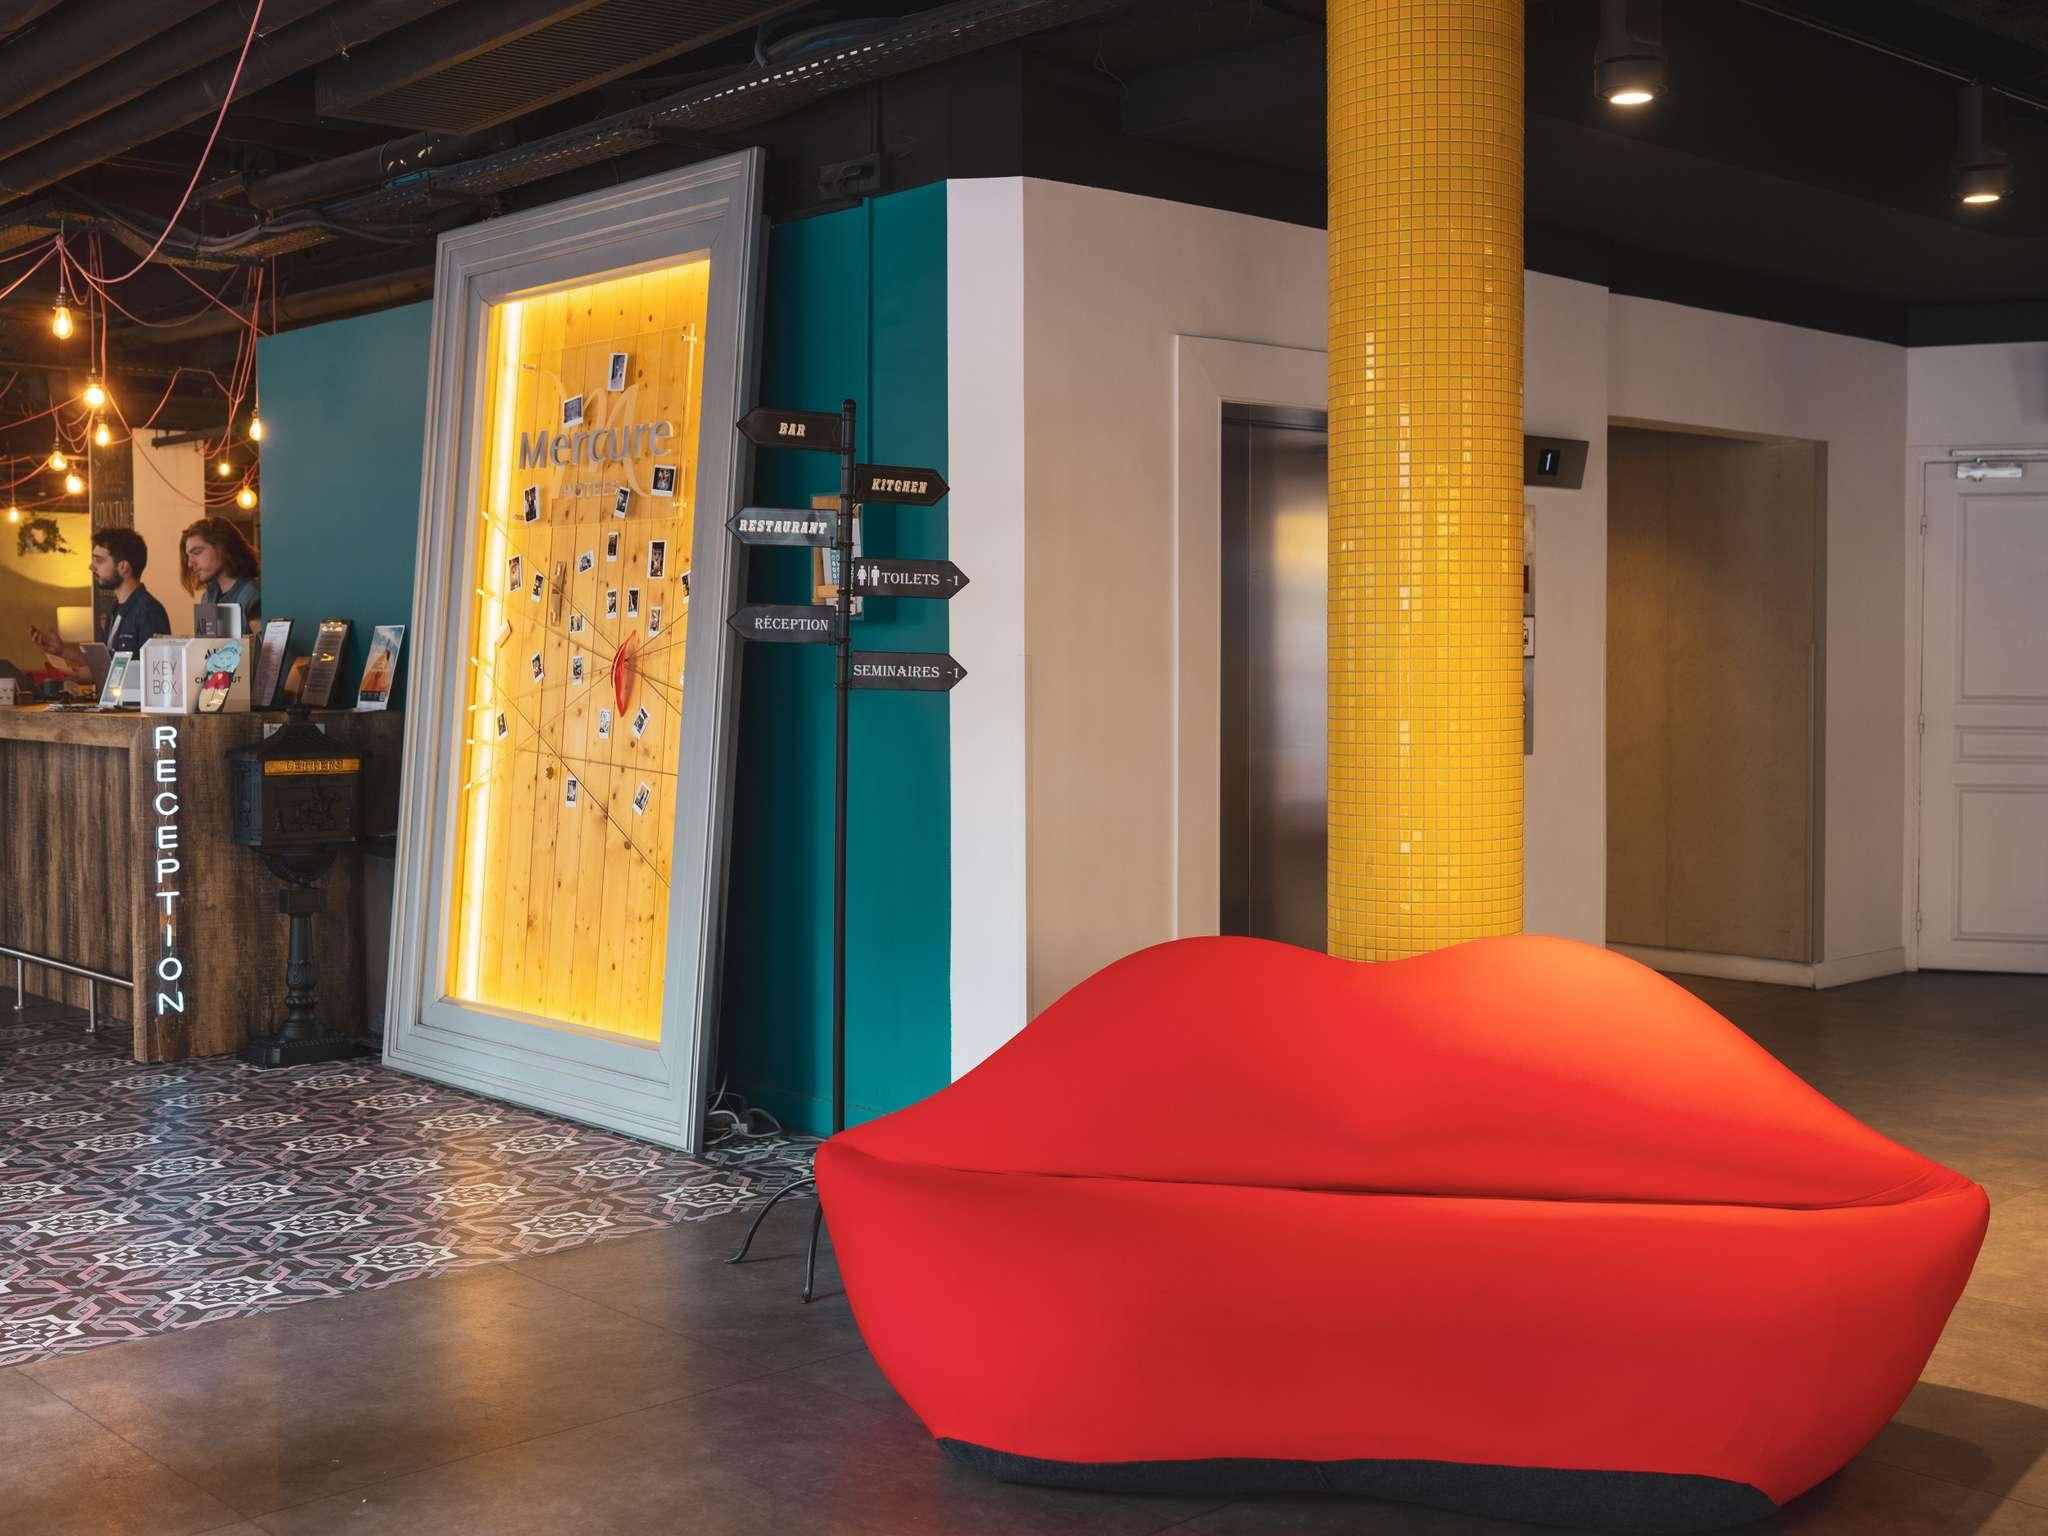 Hotel – Albergo Mercure Parigi Gare Montparnasse